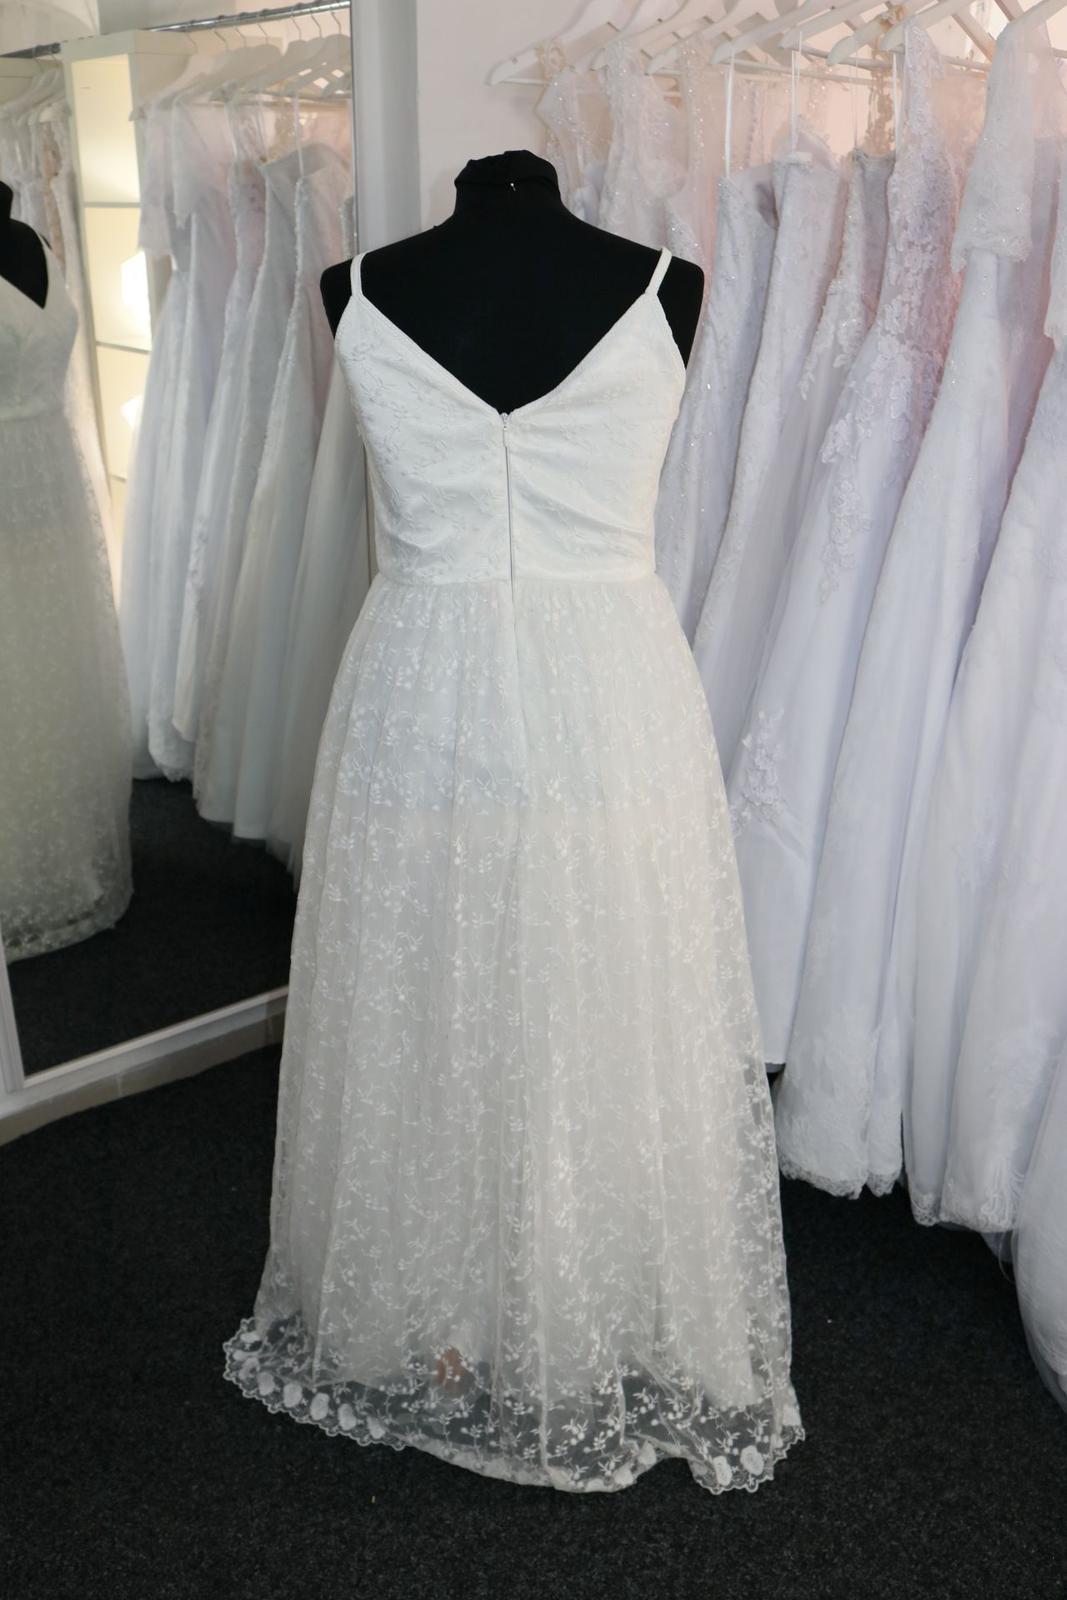 Nové svatební šaty boho vel. 42 - Obrázek č. 4